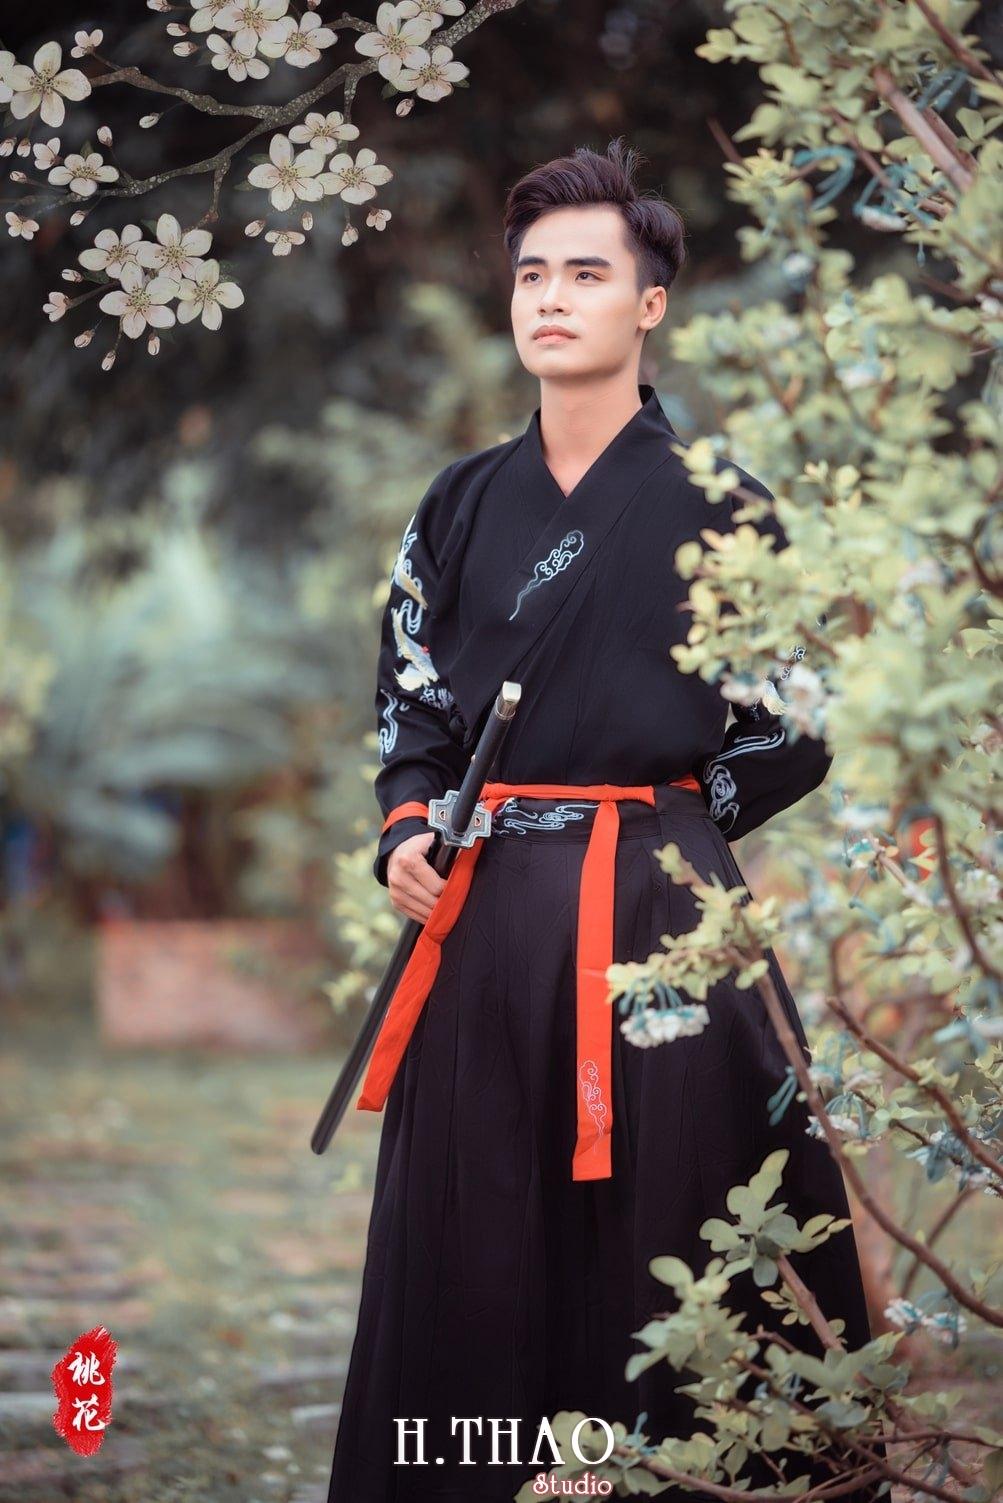 Anh Nam co trang 1 - Album chụp ảnh cổ trang nam phong cách Nhật Bản đẹp – HThao Studio